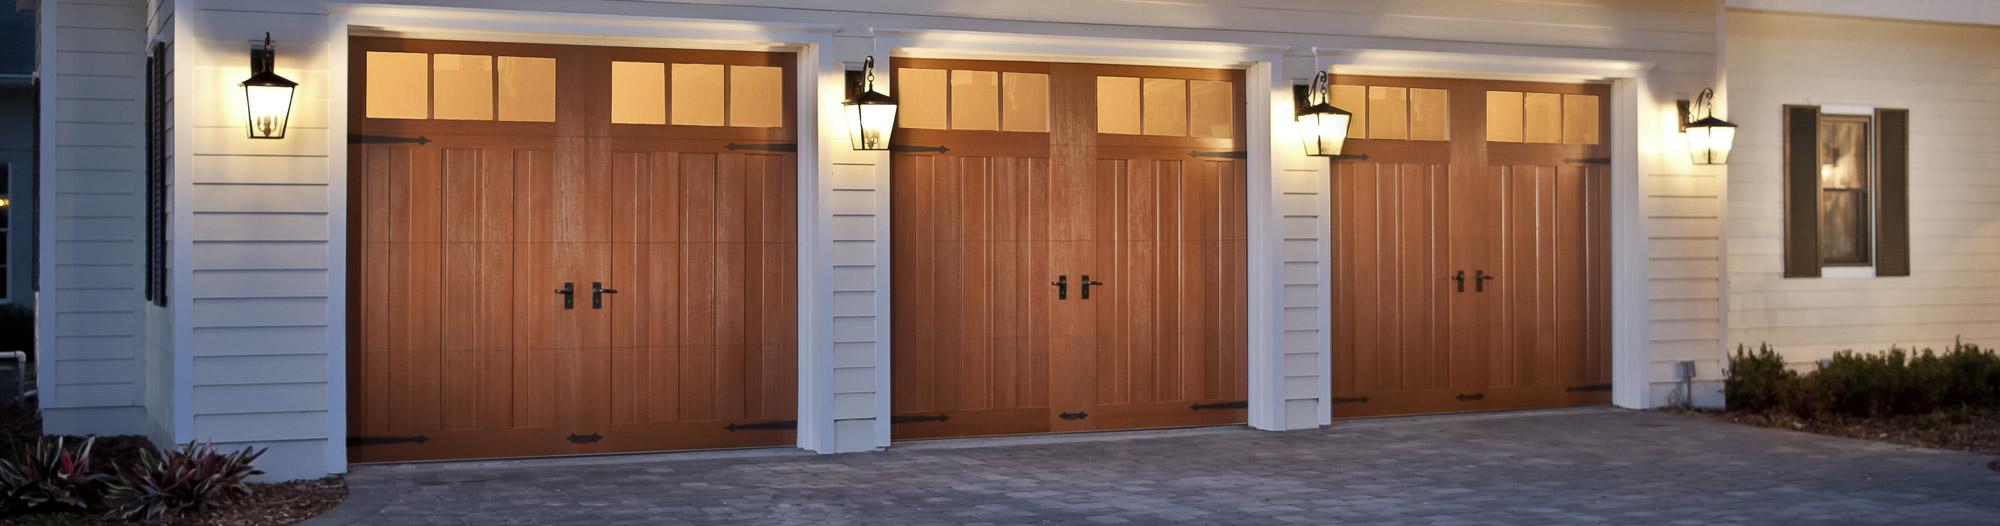 Garage Door Replacement & Garage Door Replacement Service   New Garage Door Installation Pezcame.Com